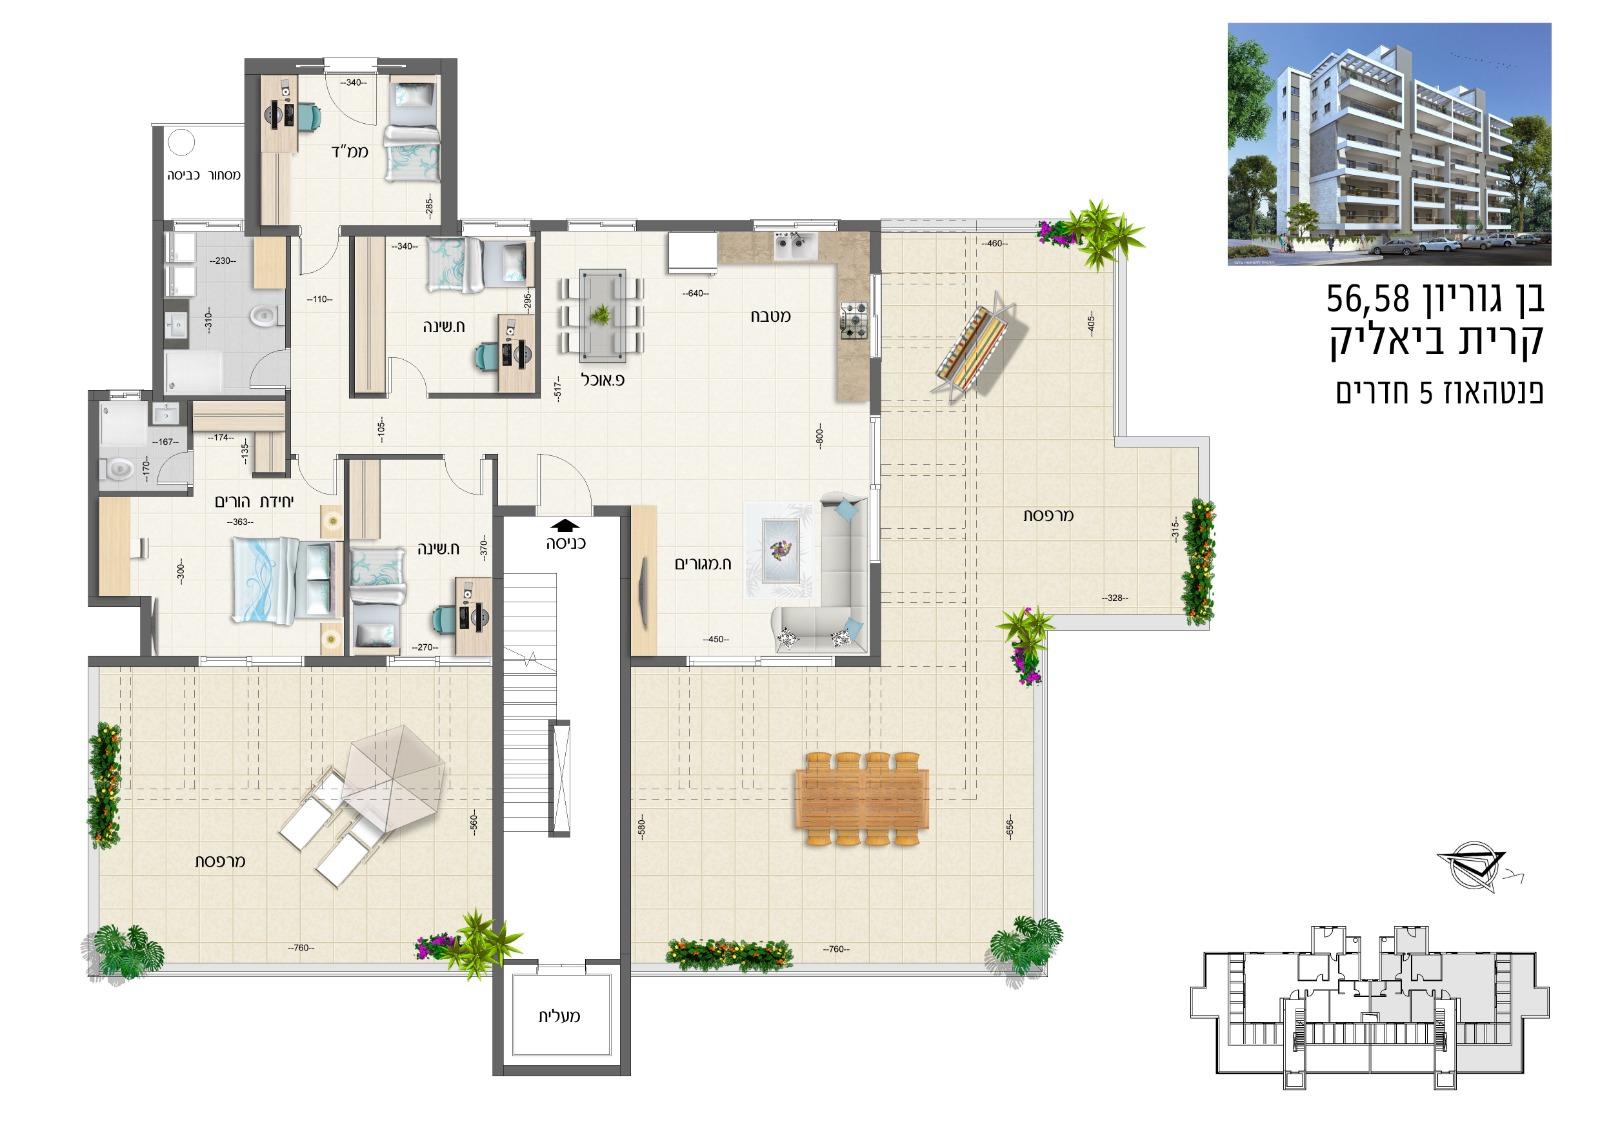 """פרוייקט חדש בן גוריון קרית ביאליק פנטהאוס 5 חדרים 130 מ""""ר בנוי. מרפסת 140 מ""""ר."""